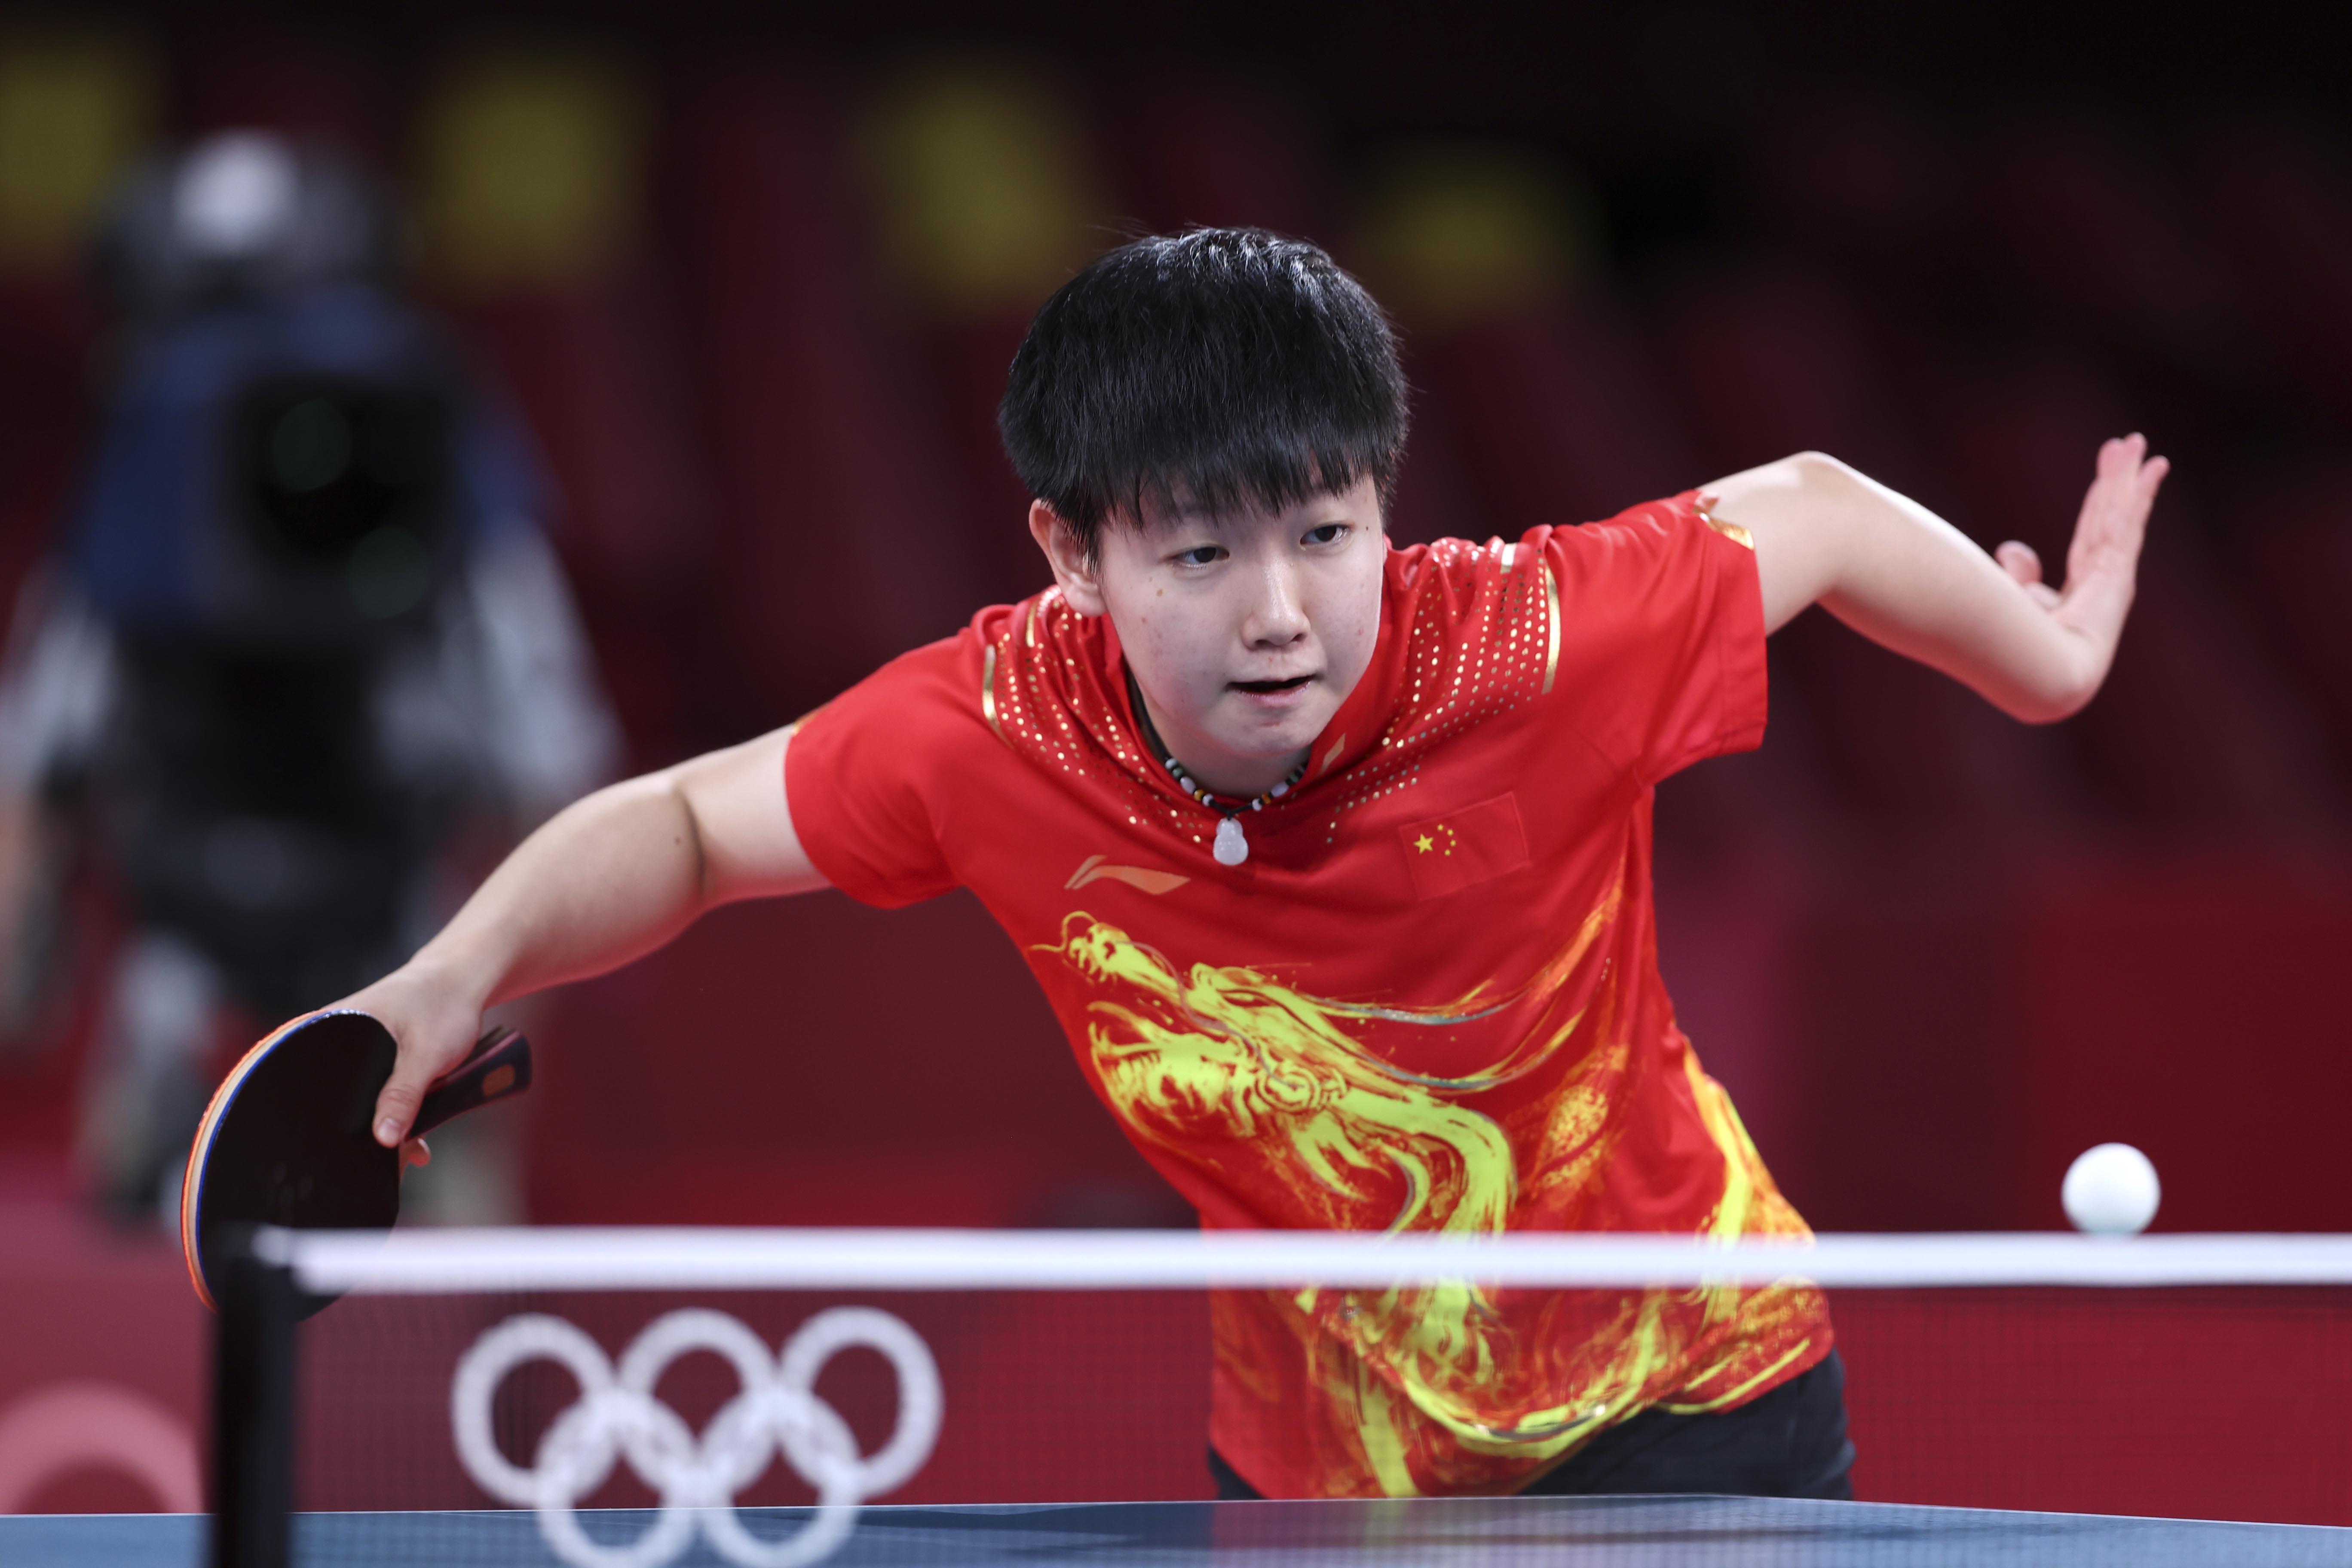 8月5日,中国队选手孙颖莎在比赛中。新华社记者杨磊摄